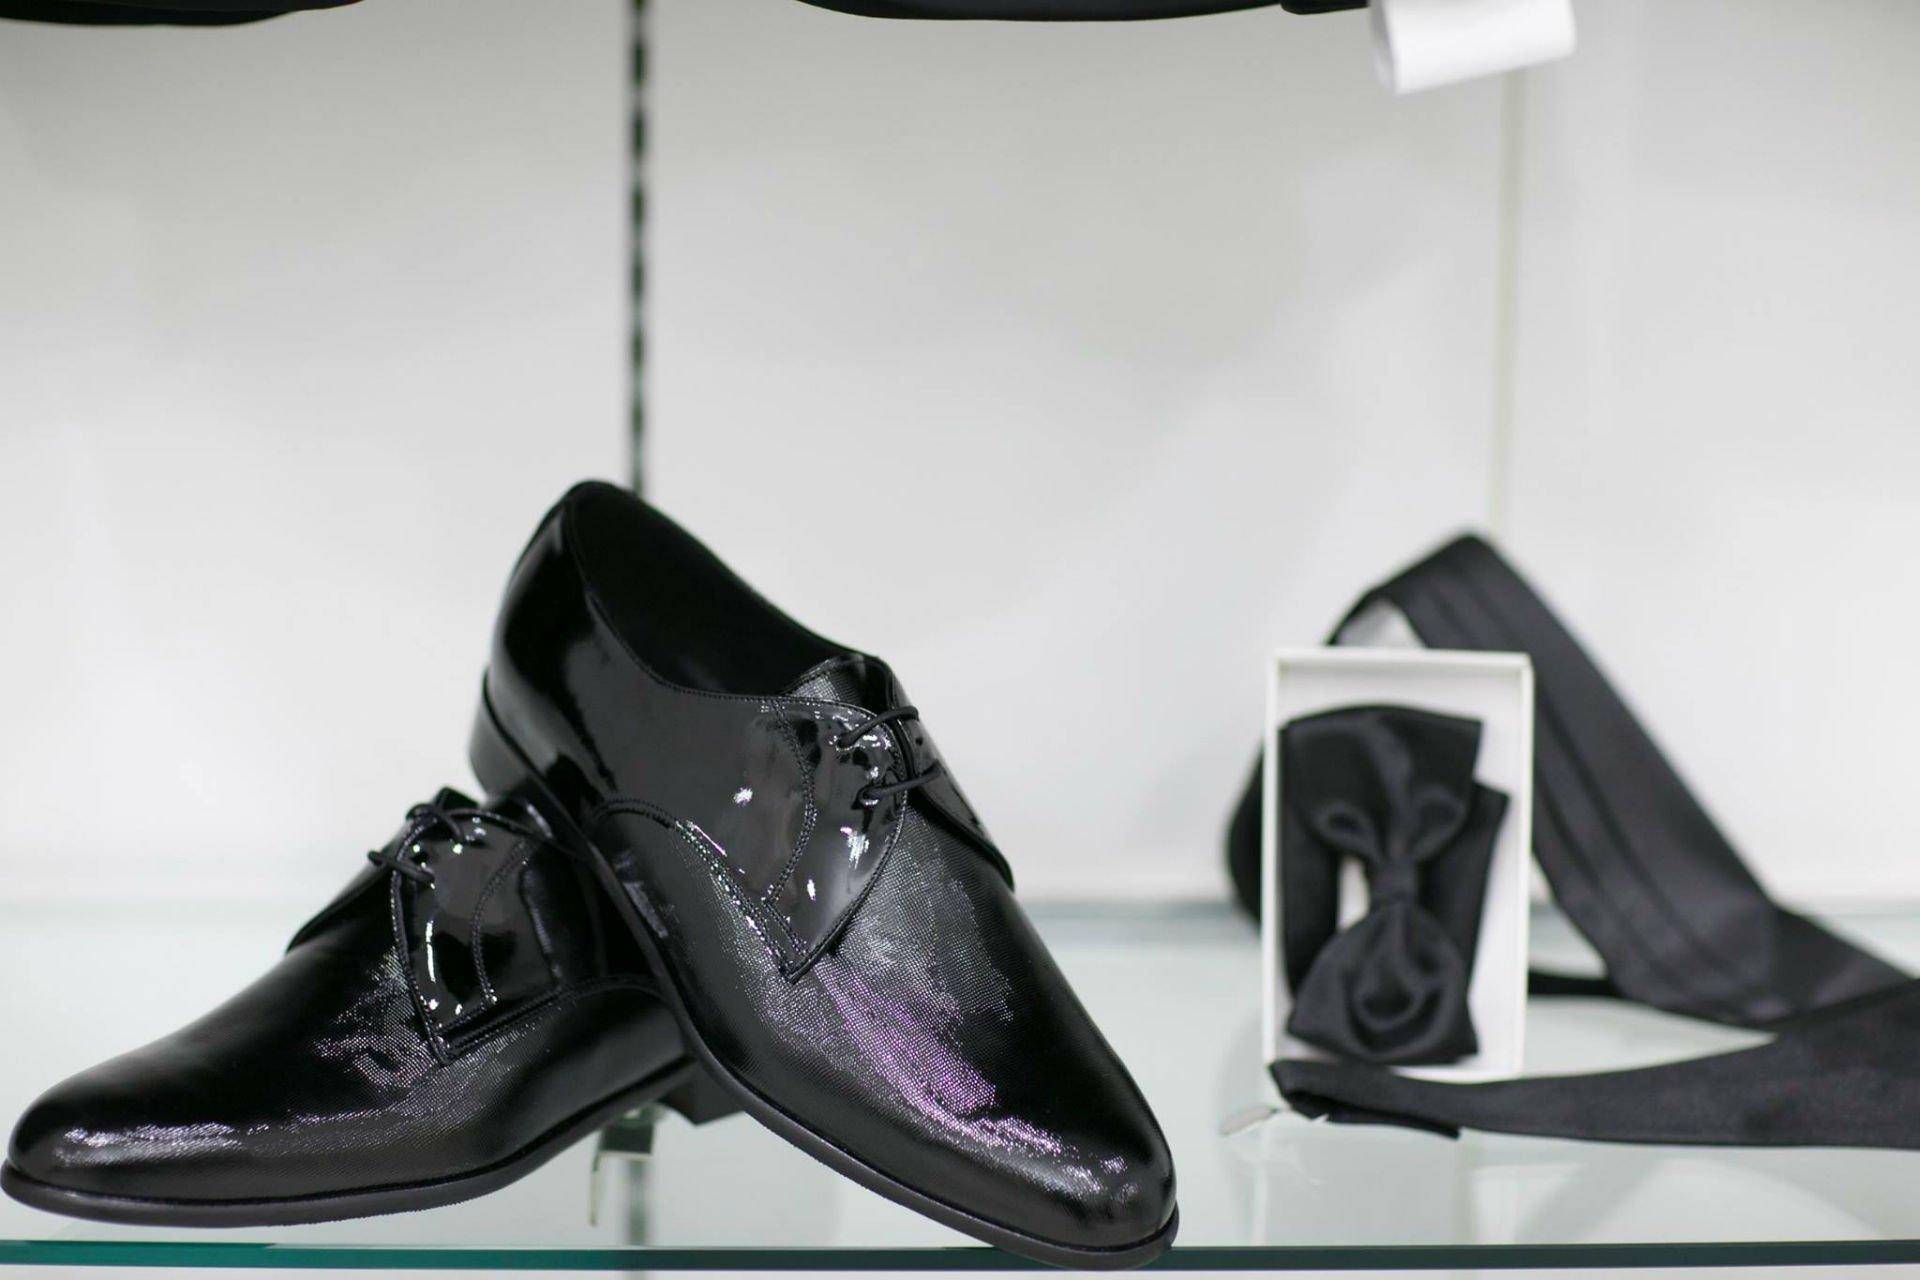 delle scarpe nere classiche, un papillon e una cravatta